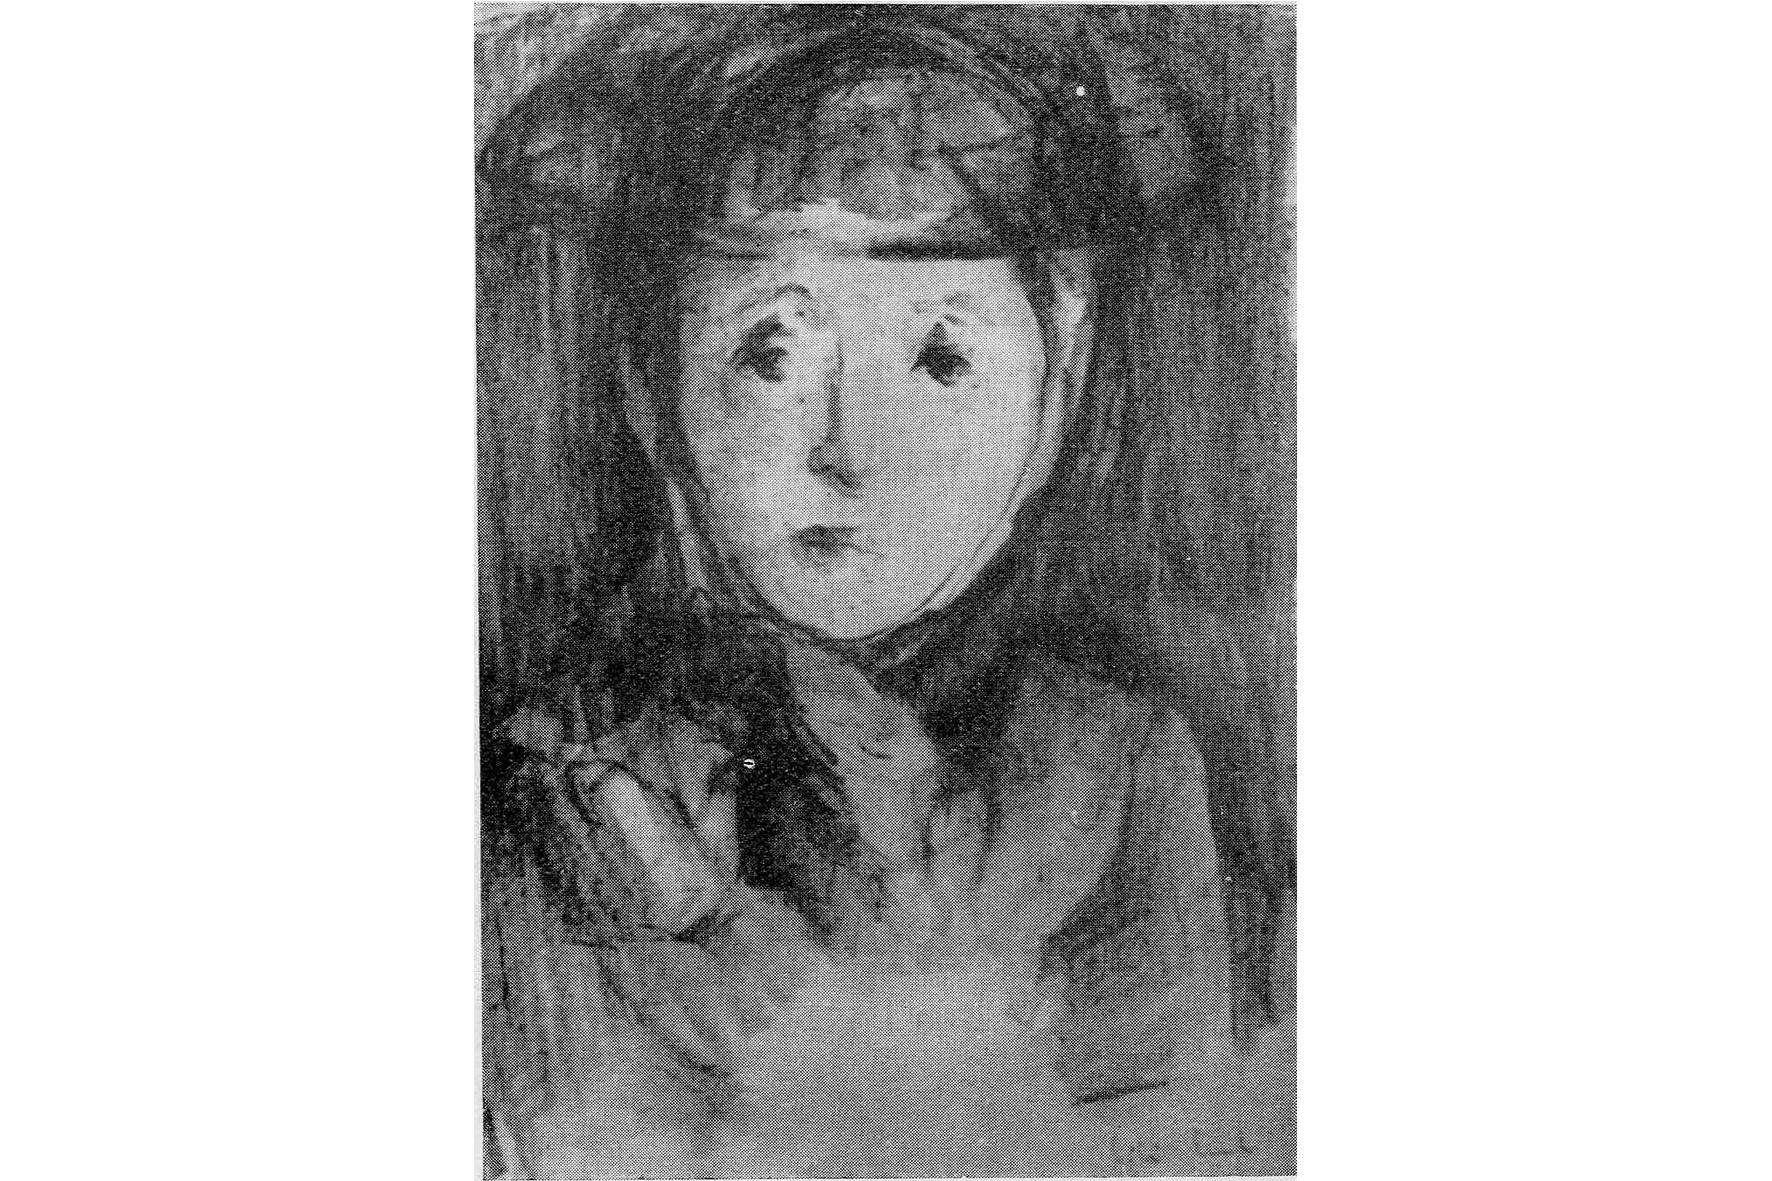 """Retrat. Lili Lund. Catàleg """"Saló de Otoño, 1964"""" Palma"""